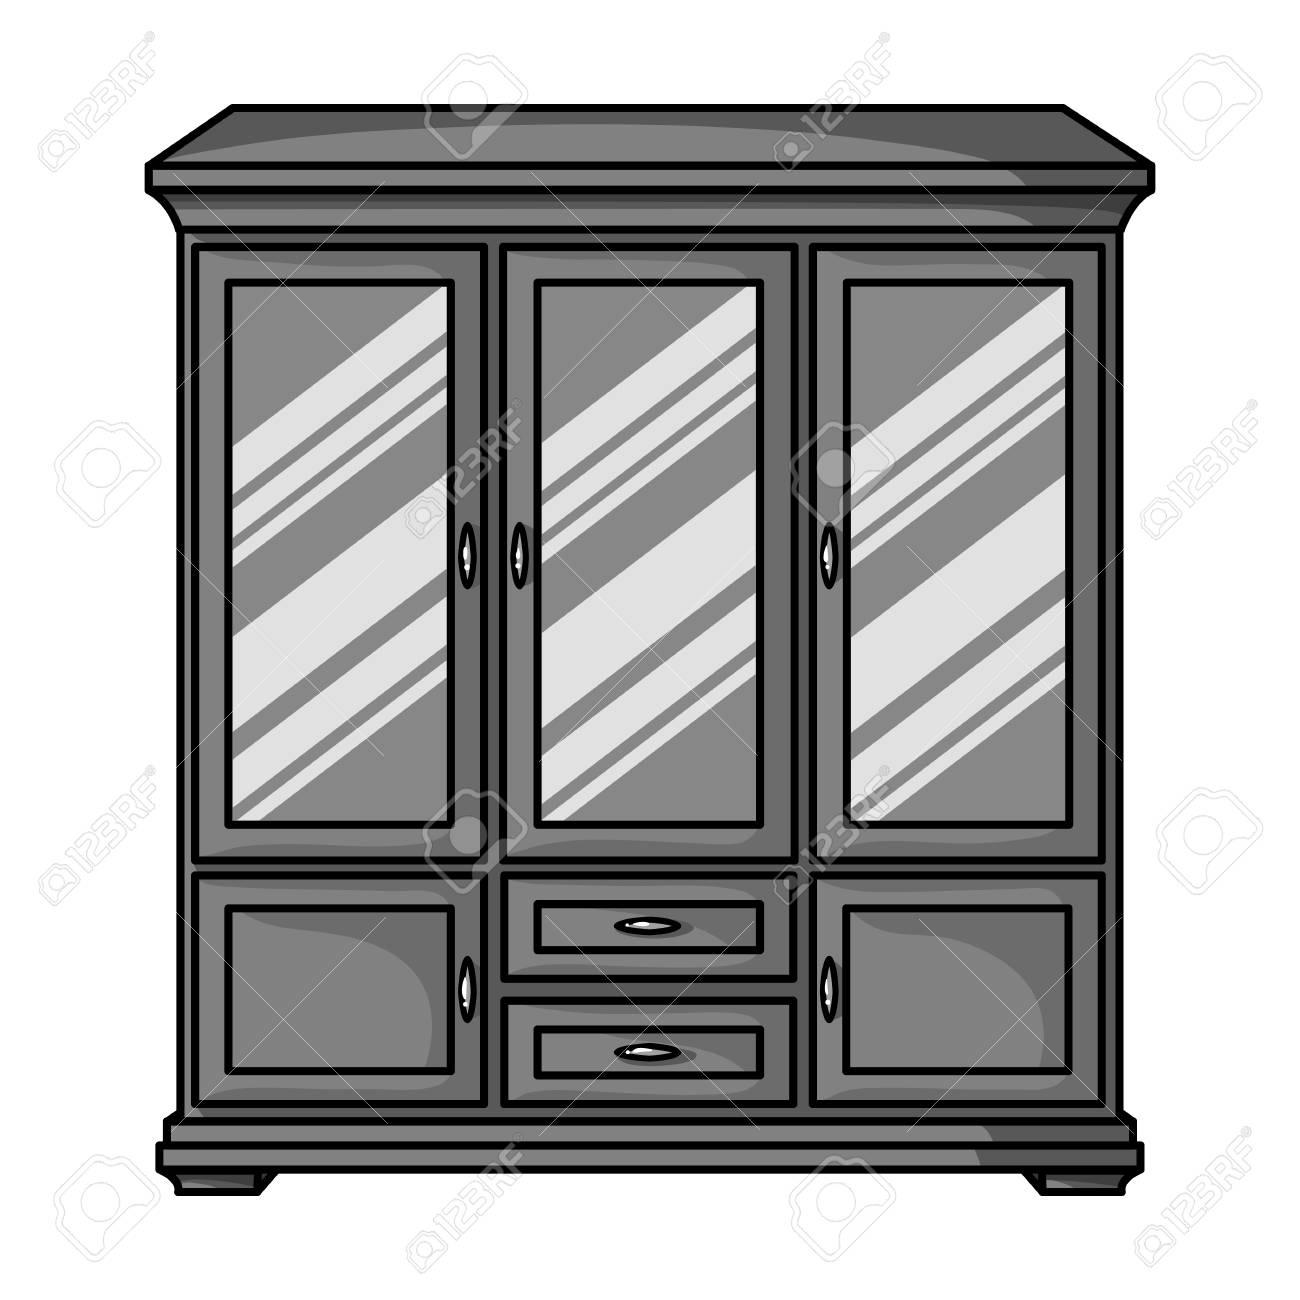 Klassische Schrank Symbol In Schwarz Weiss Stil Auf Weissem